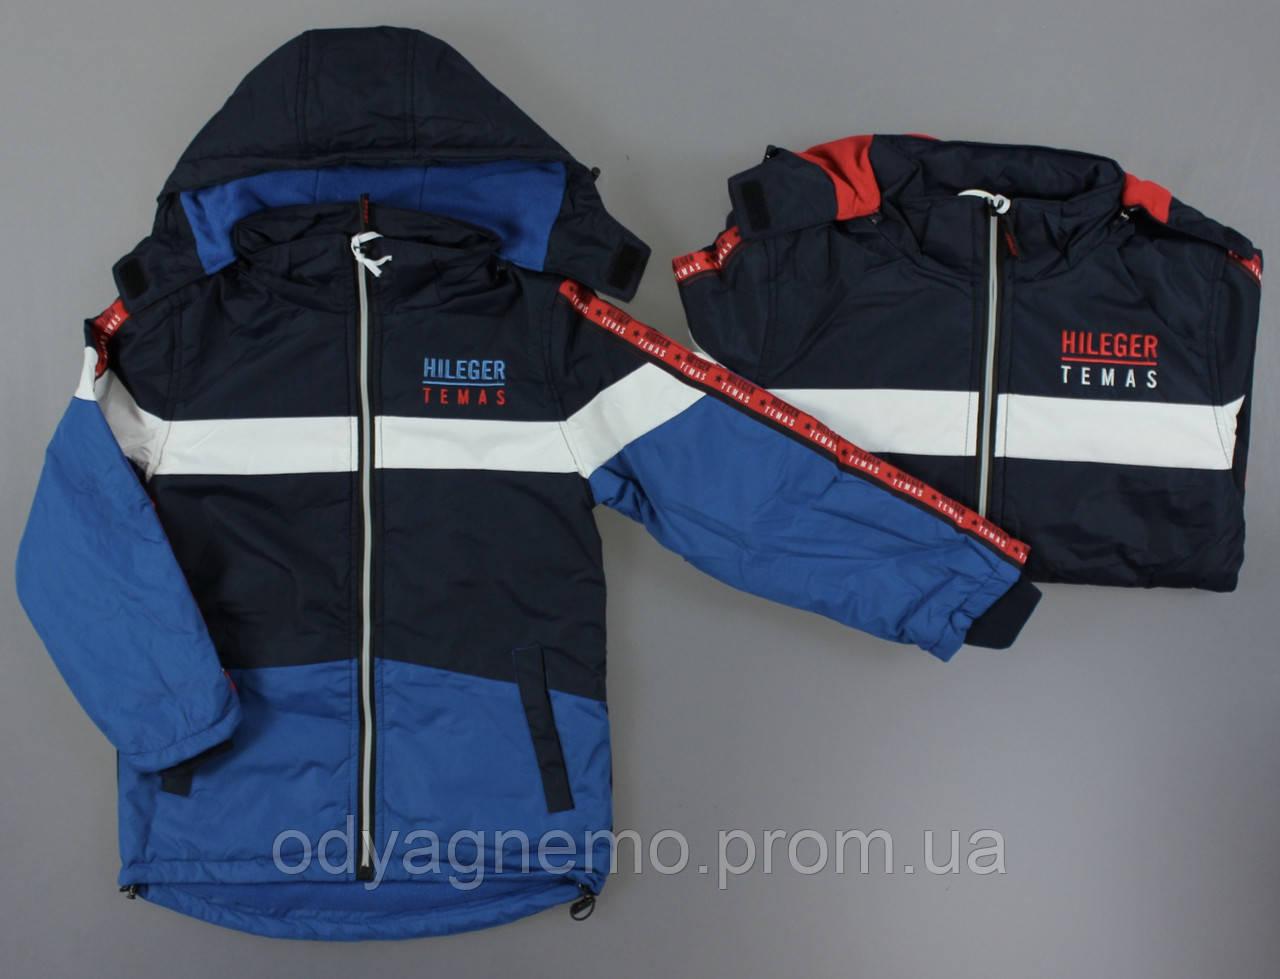 Куртка на флисе для мальчиков Grace оптом, 134-164 рр. Артикул: B86409